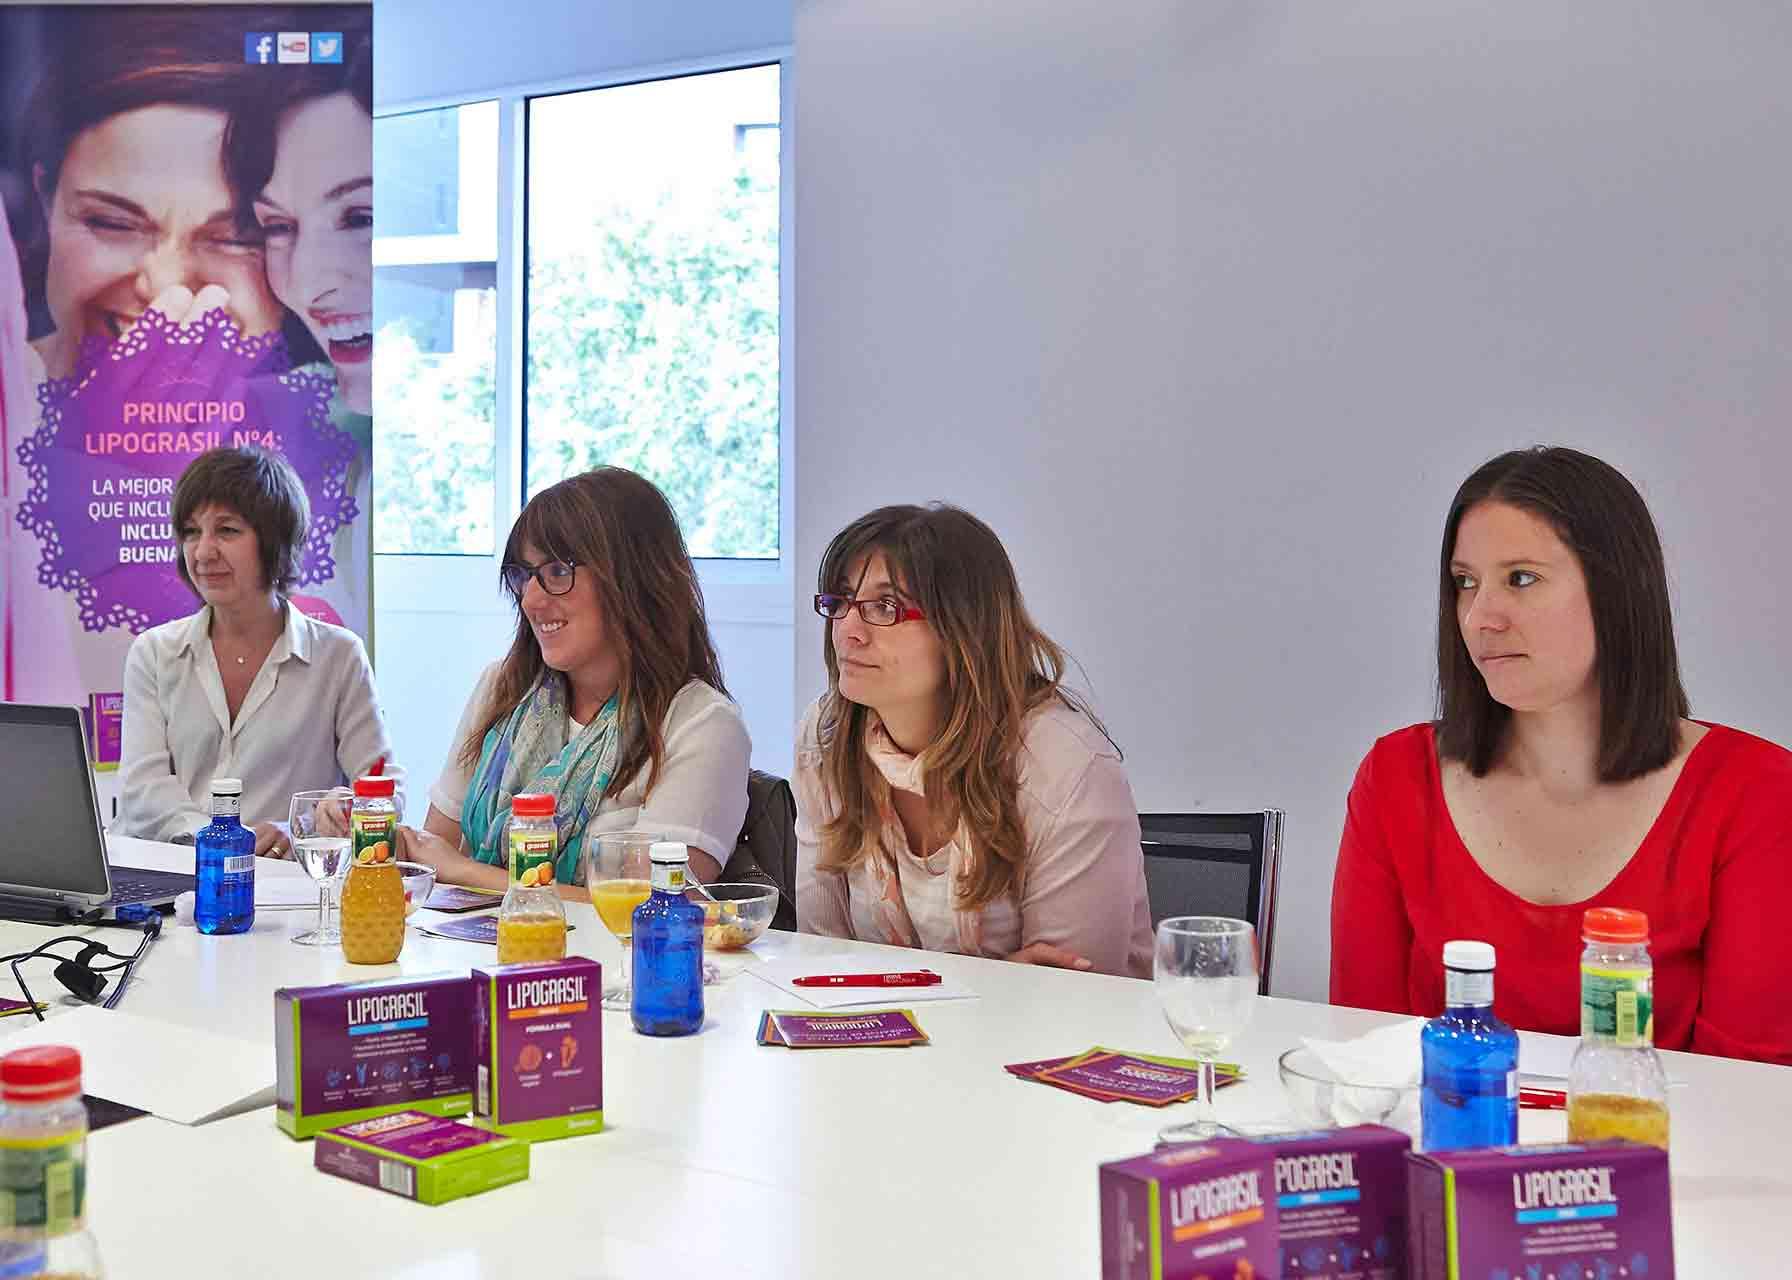 Participantes en la conferencia que dió Lipograsil sobre nutrición y hábitos alimenticios aprovechando el lanzamiento de un nuevo producto